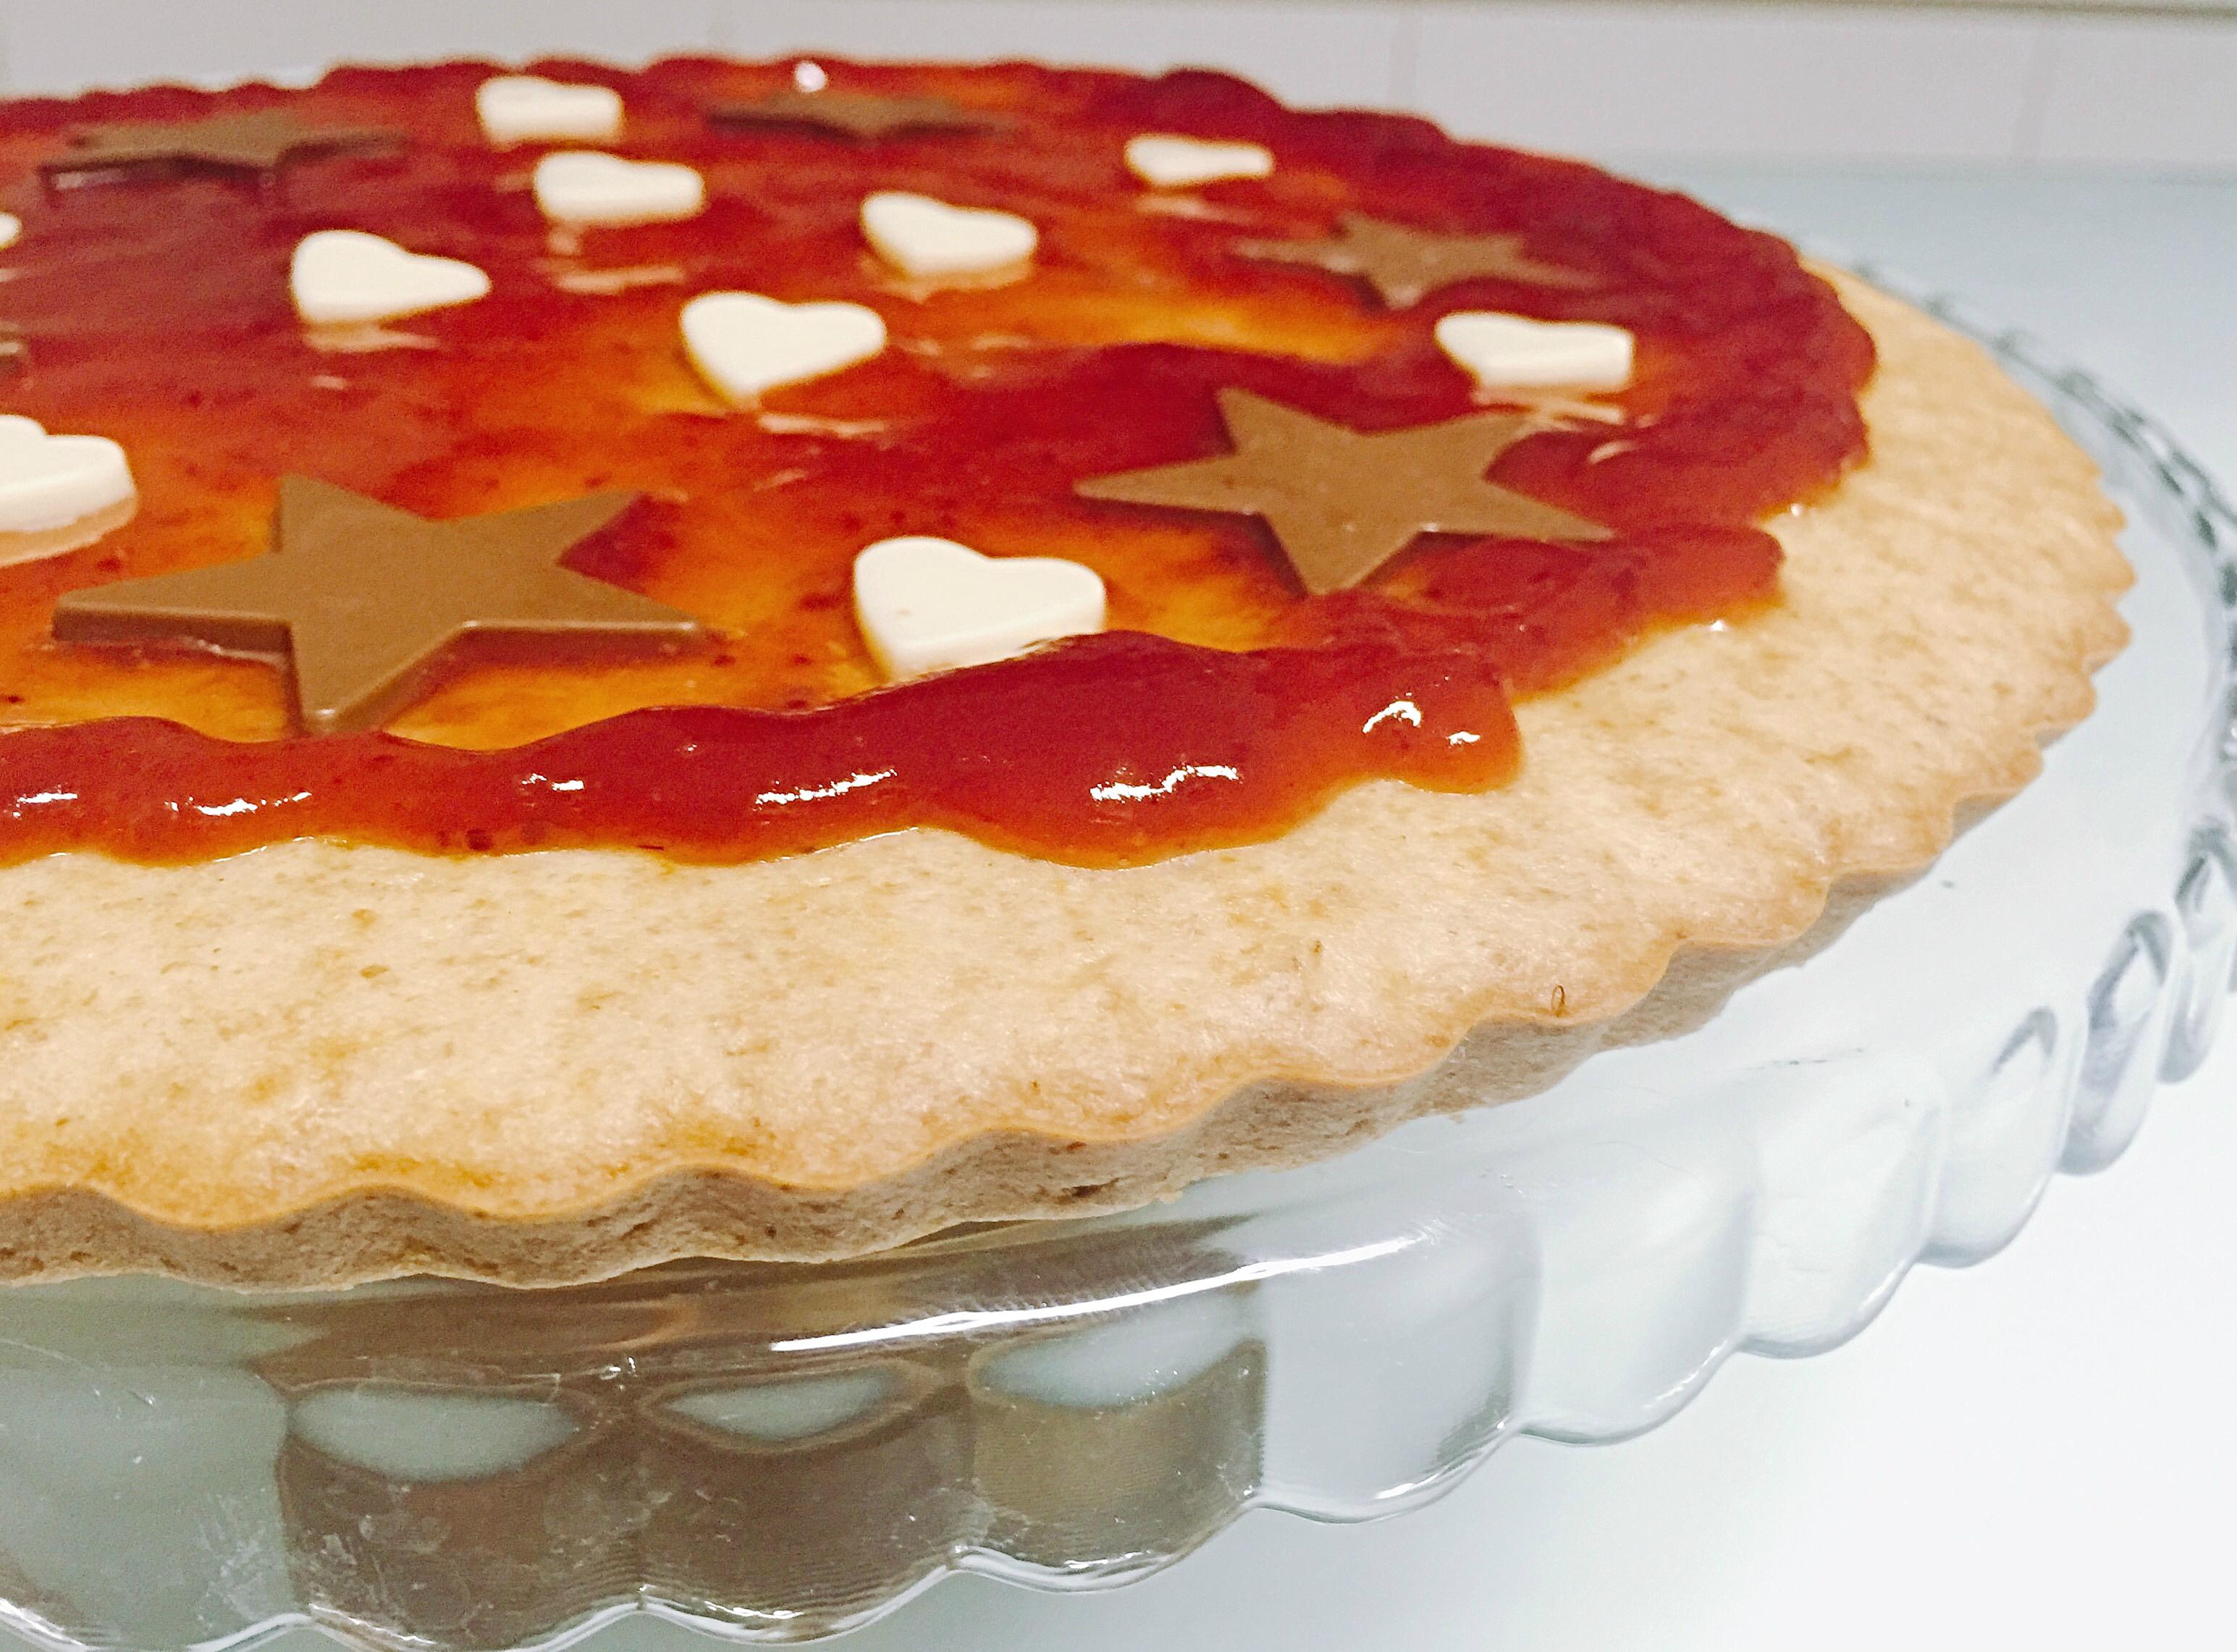 Crostata Morbida Senza Burro, una variante golosa,delicata leggera della classica crostata di dolci senza burro